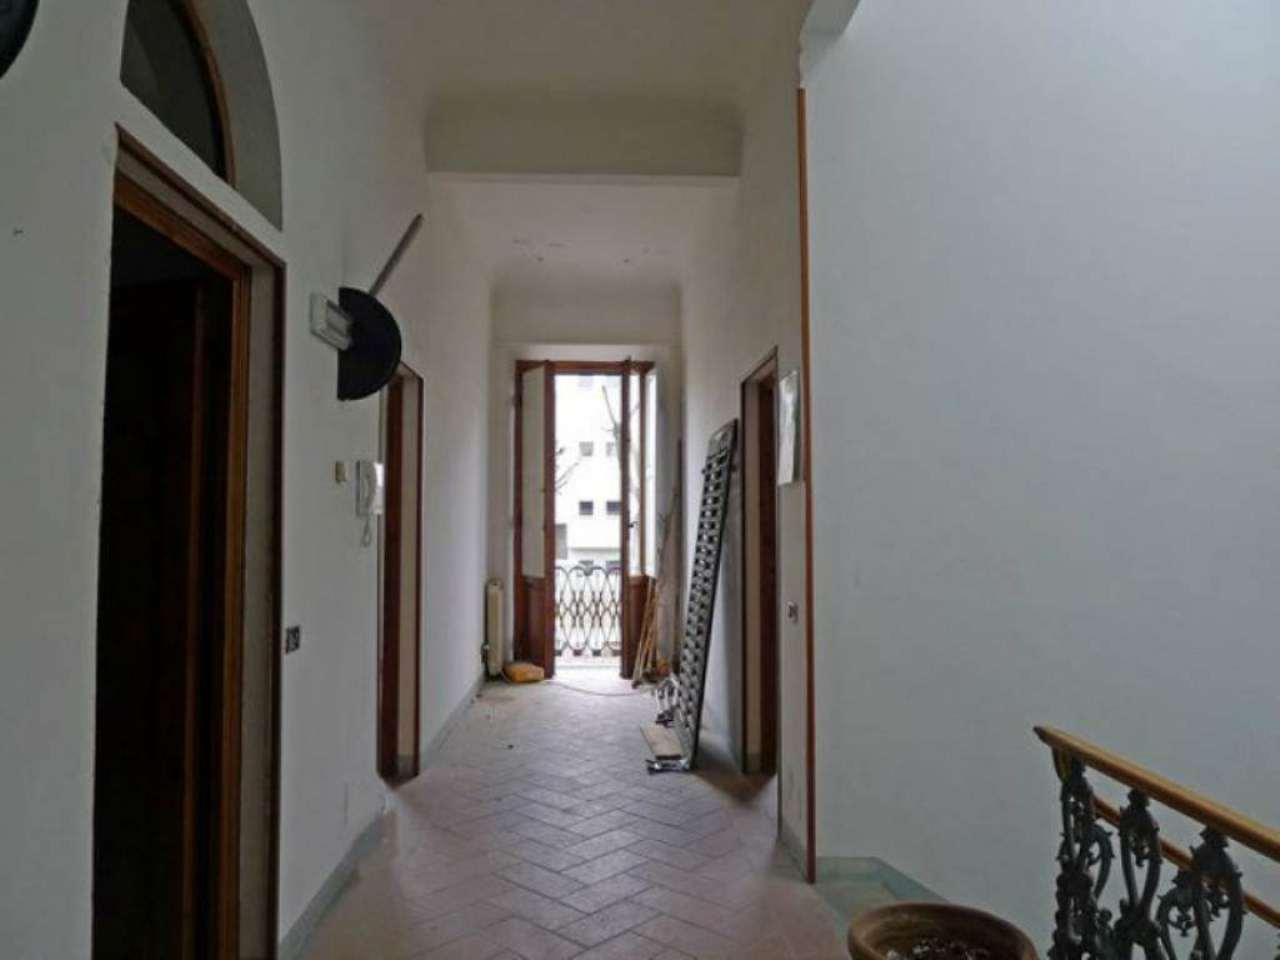 Ufficio / Studio in vendita a Sesto Fiorentino, 6 locali, prezzo € 450.000 | Cambio Casa.it